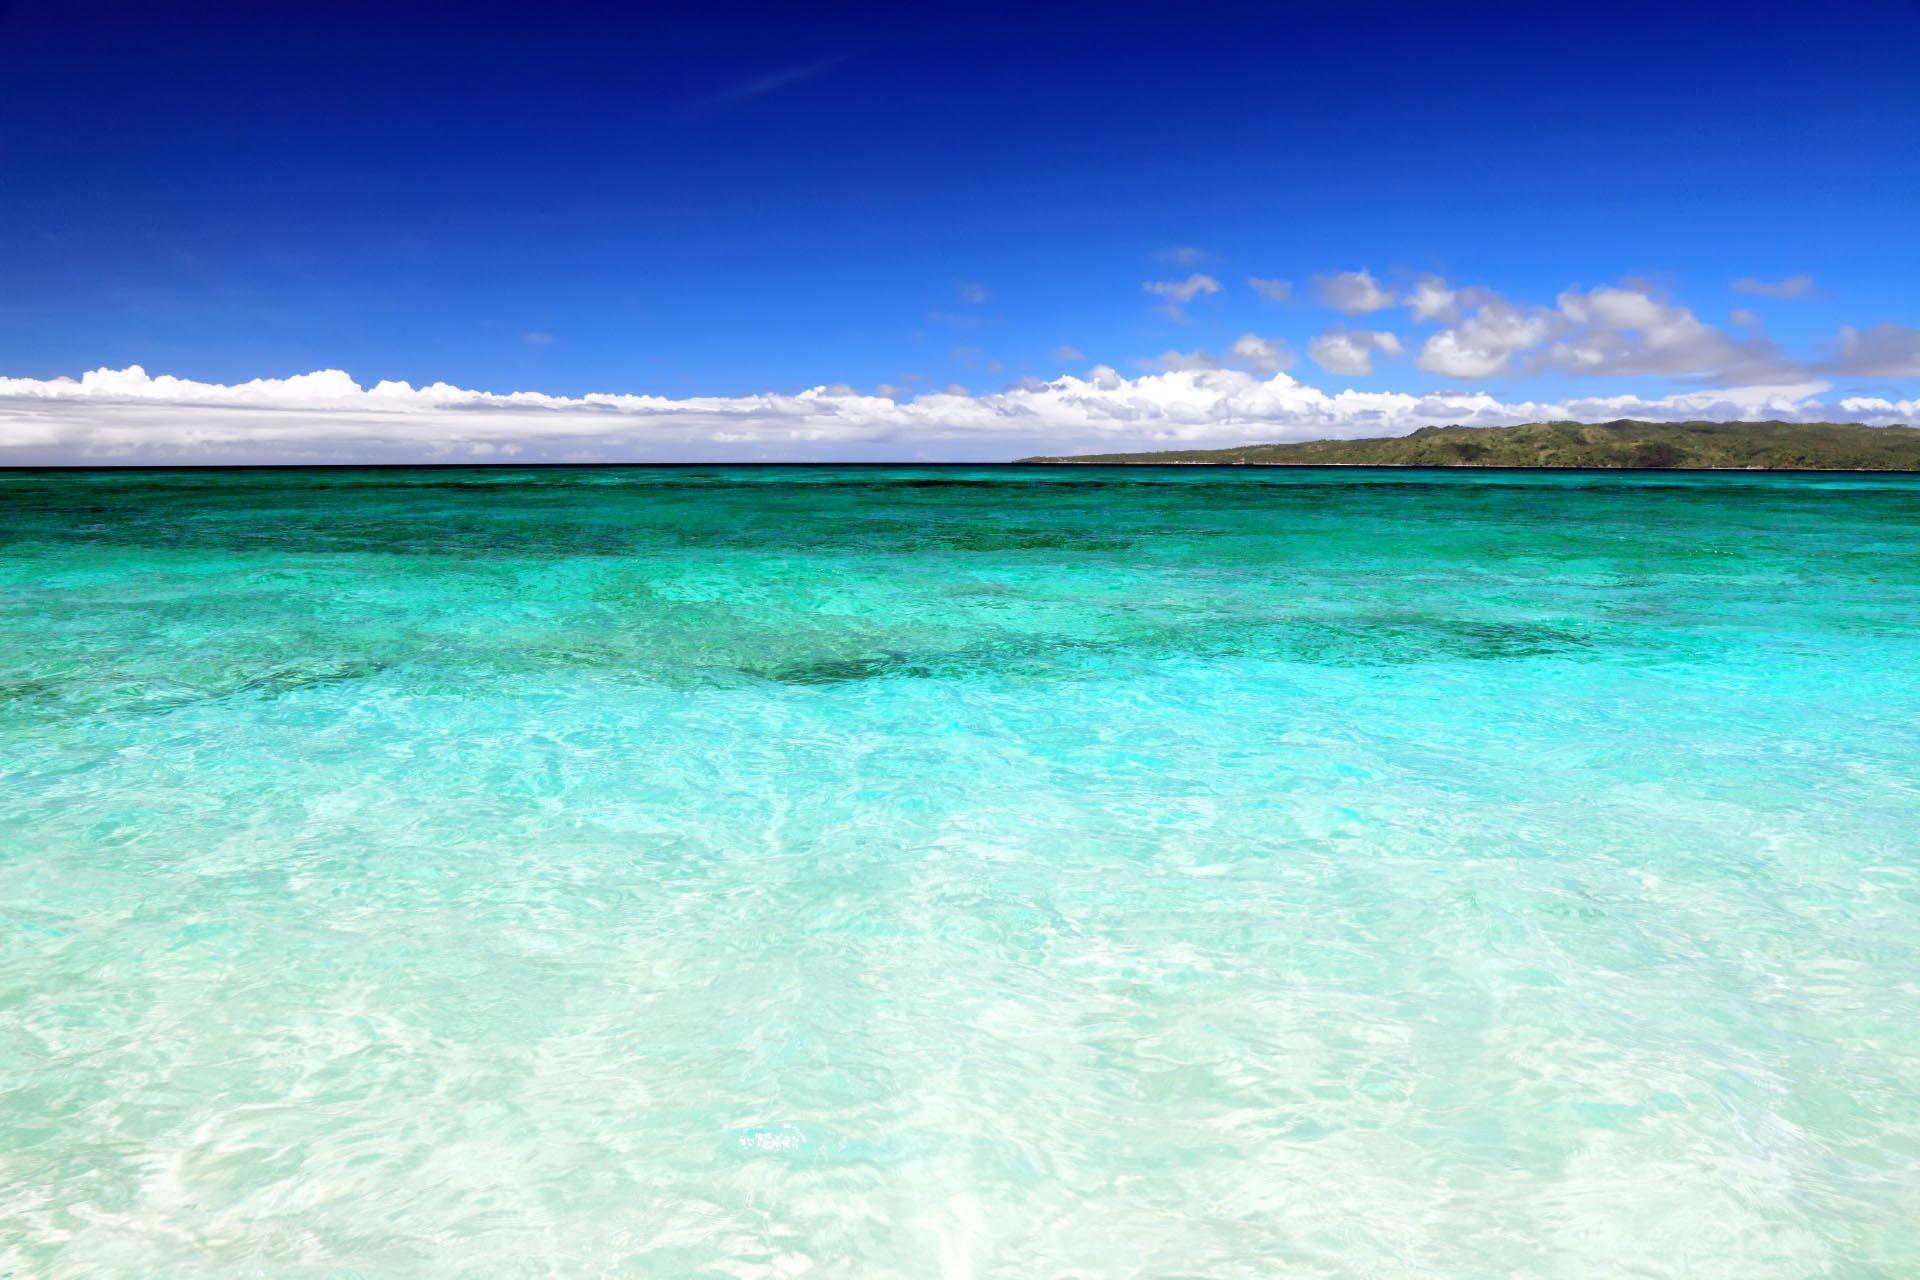 ボラカイ島 フィリピンの風景